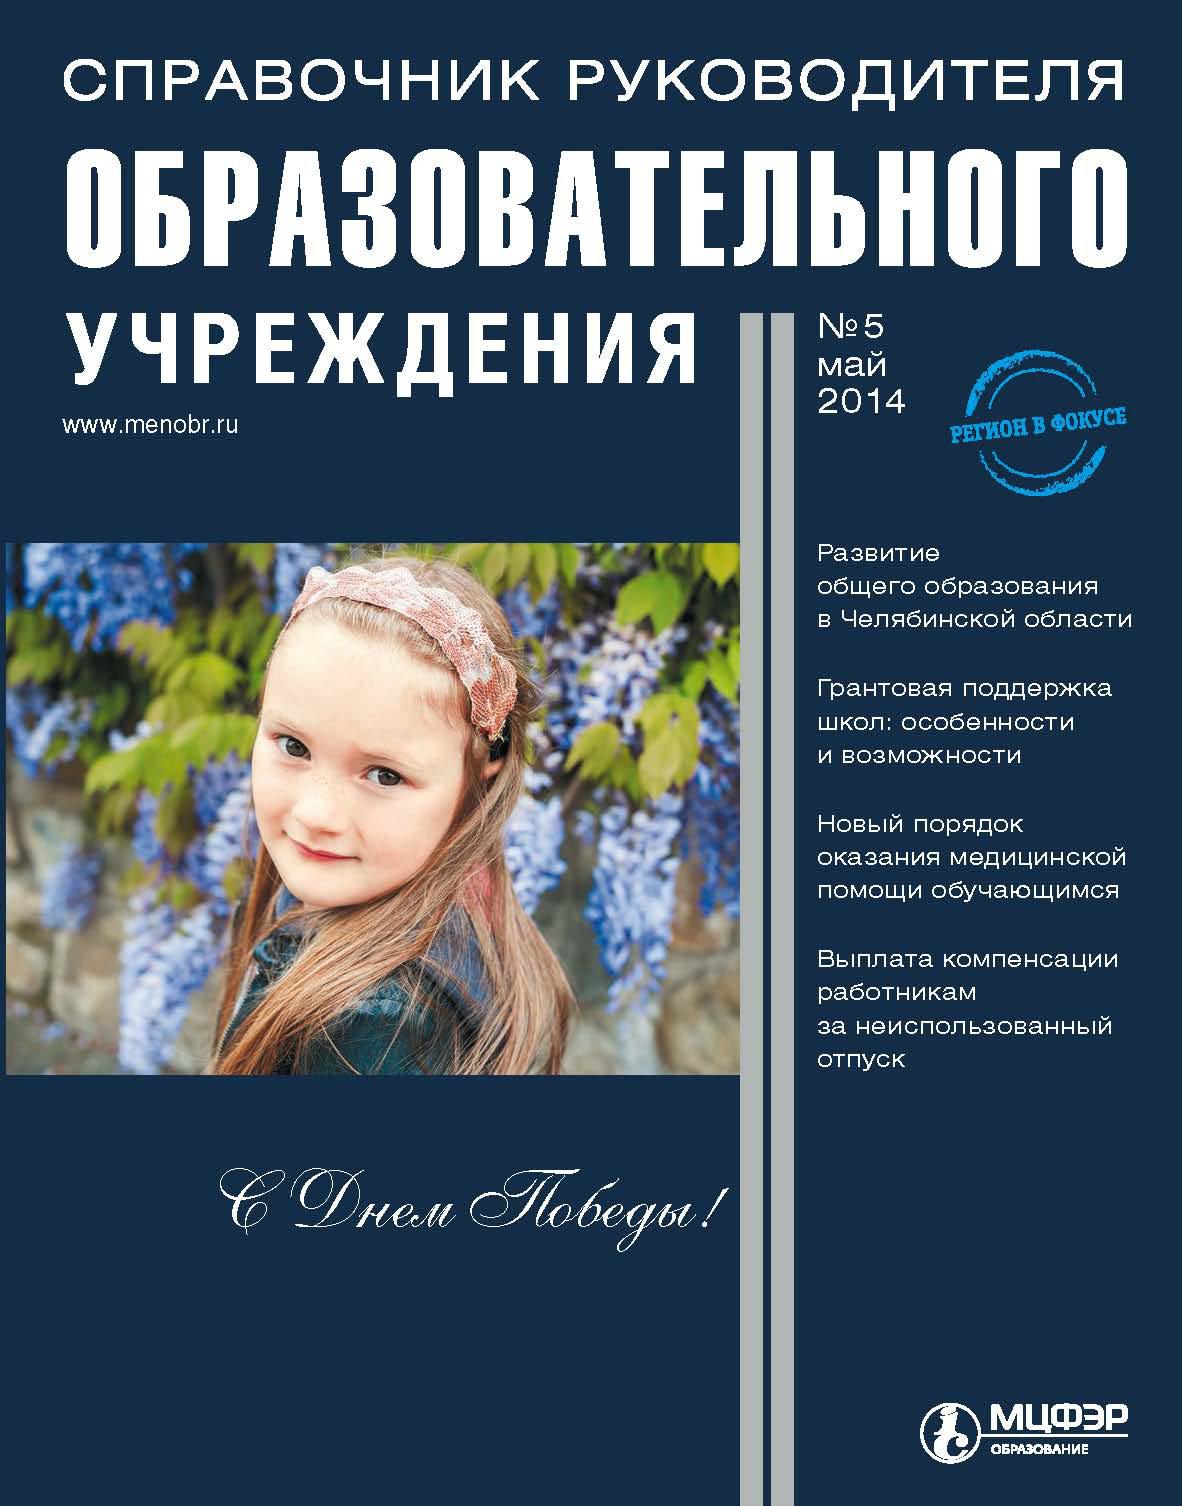 Отсутствует Справочник руководителя образовательного учреждения № 5 2014